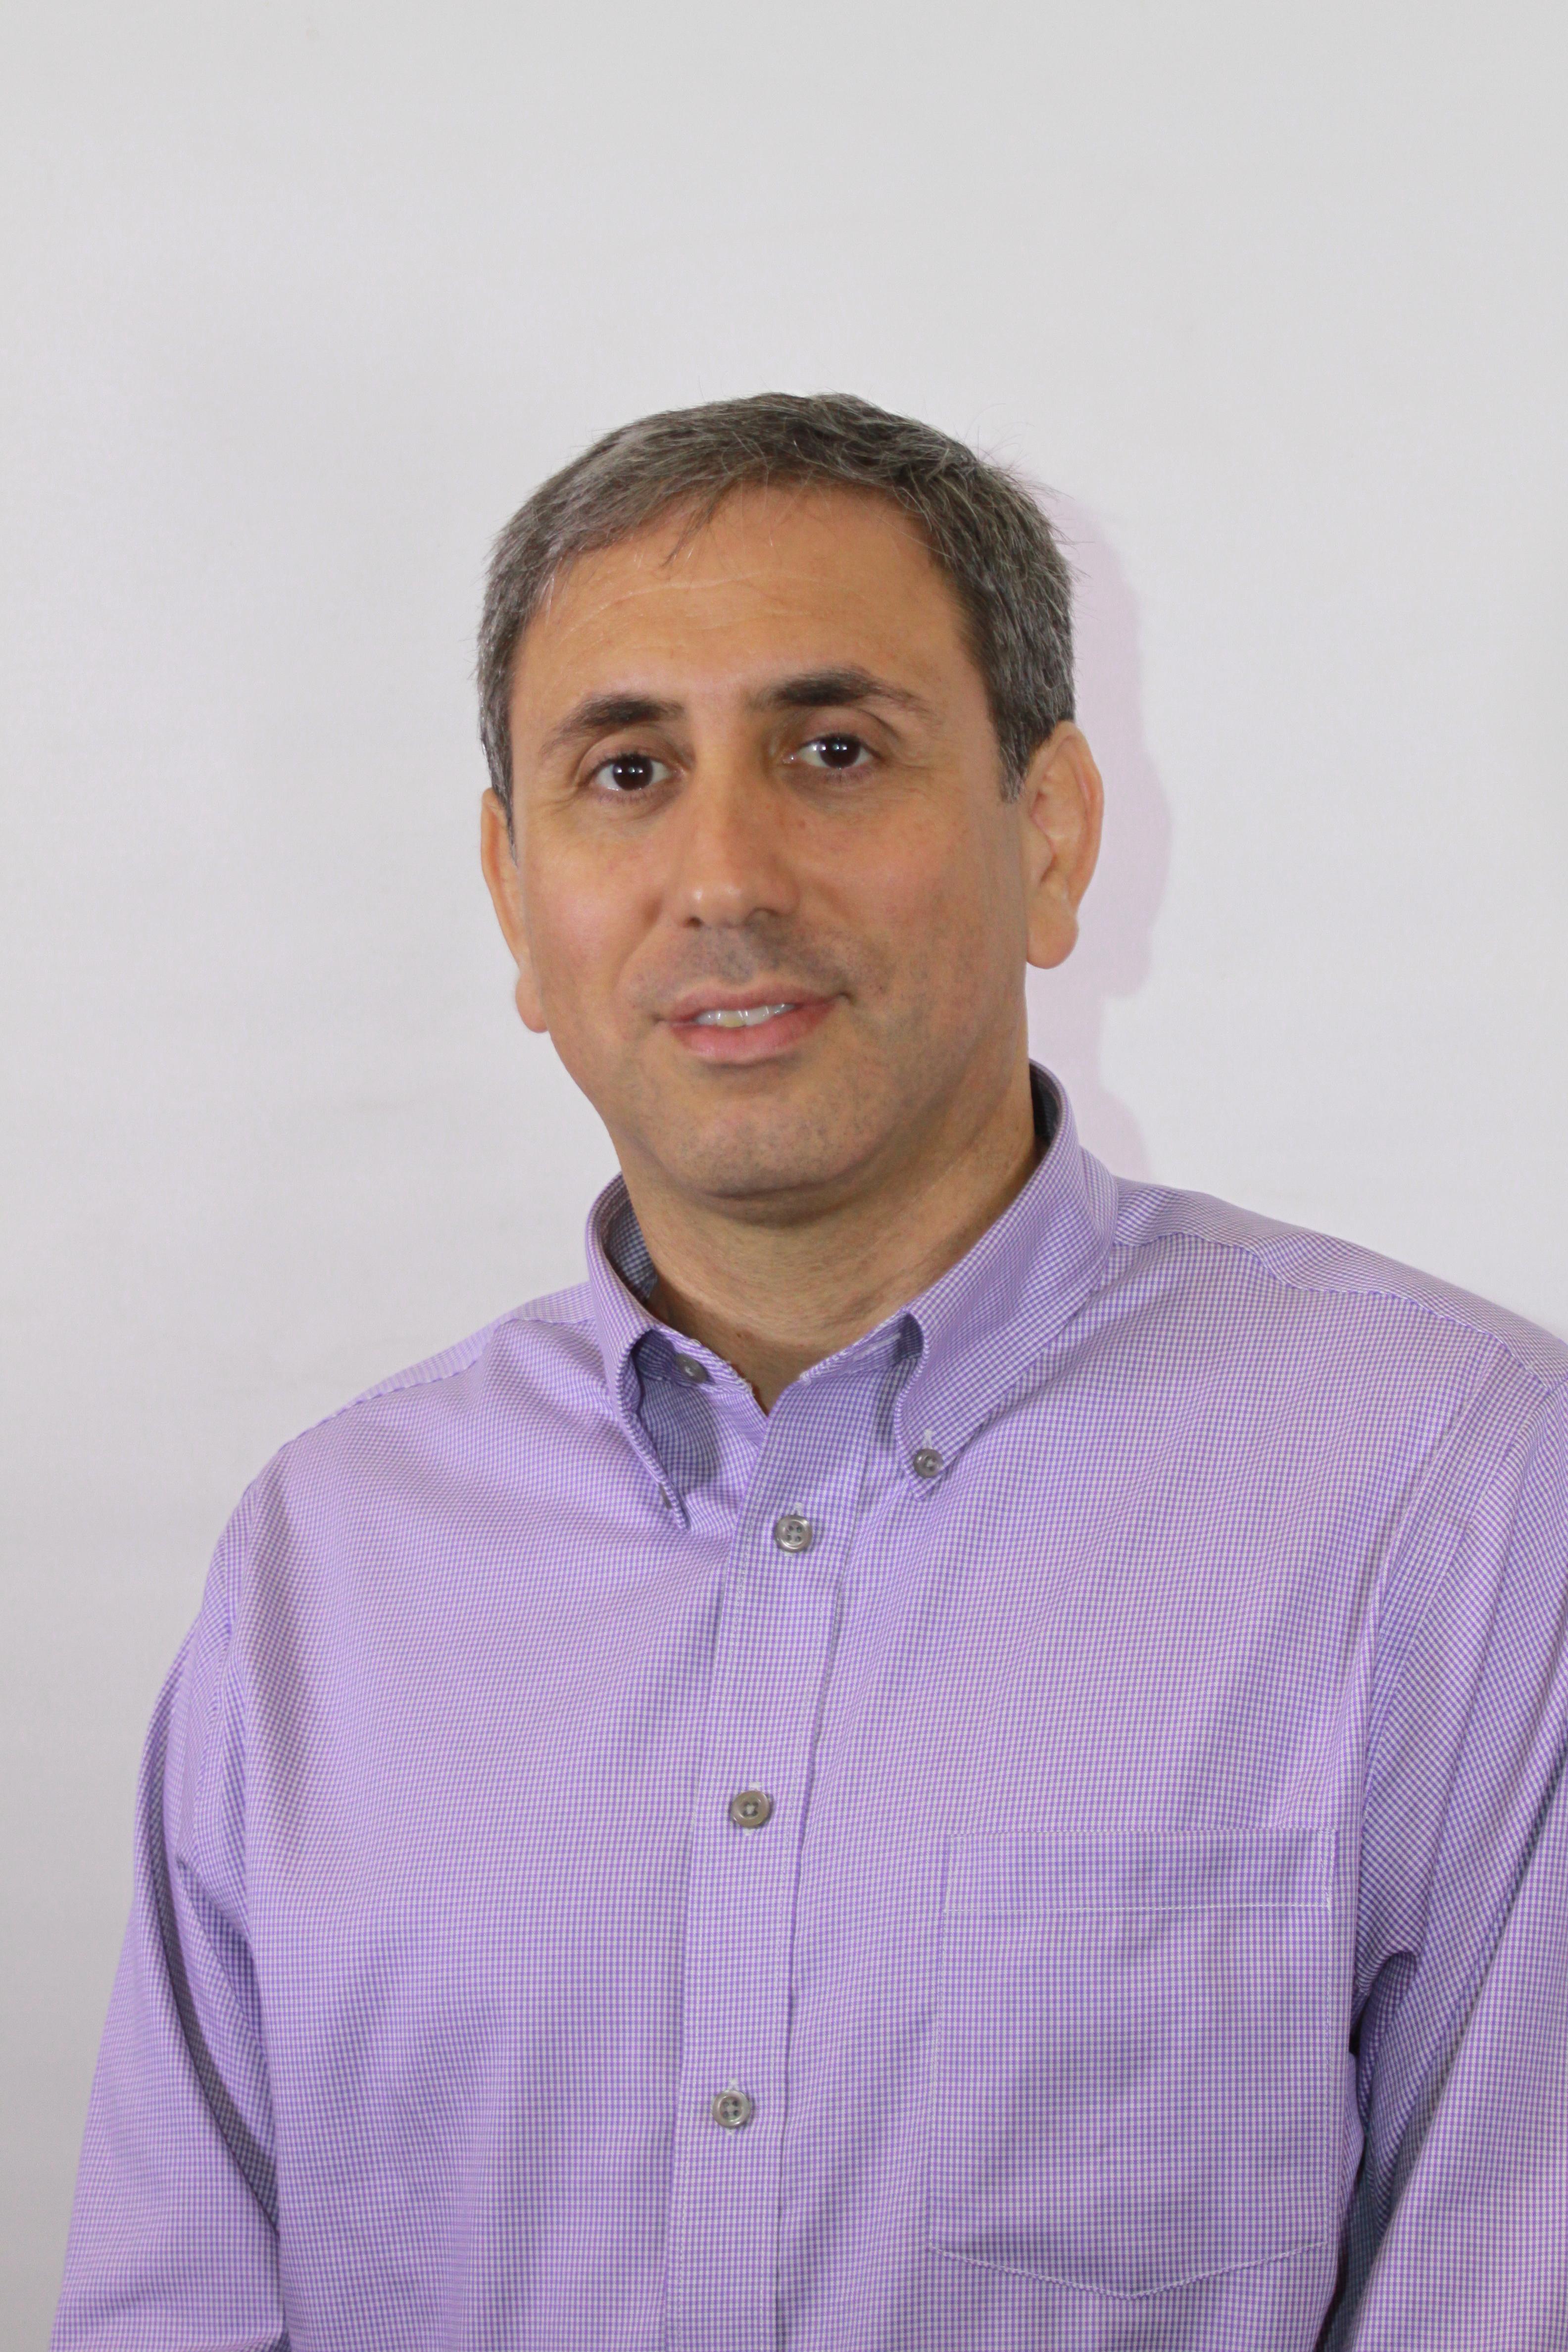 פרופ. גיא קליינמן מומחה במחלות עיניים